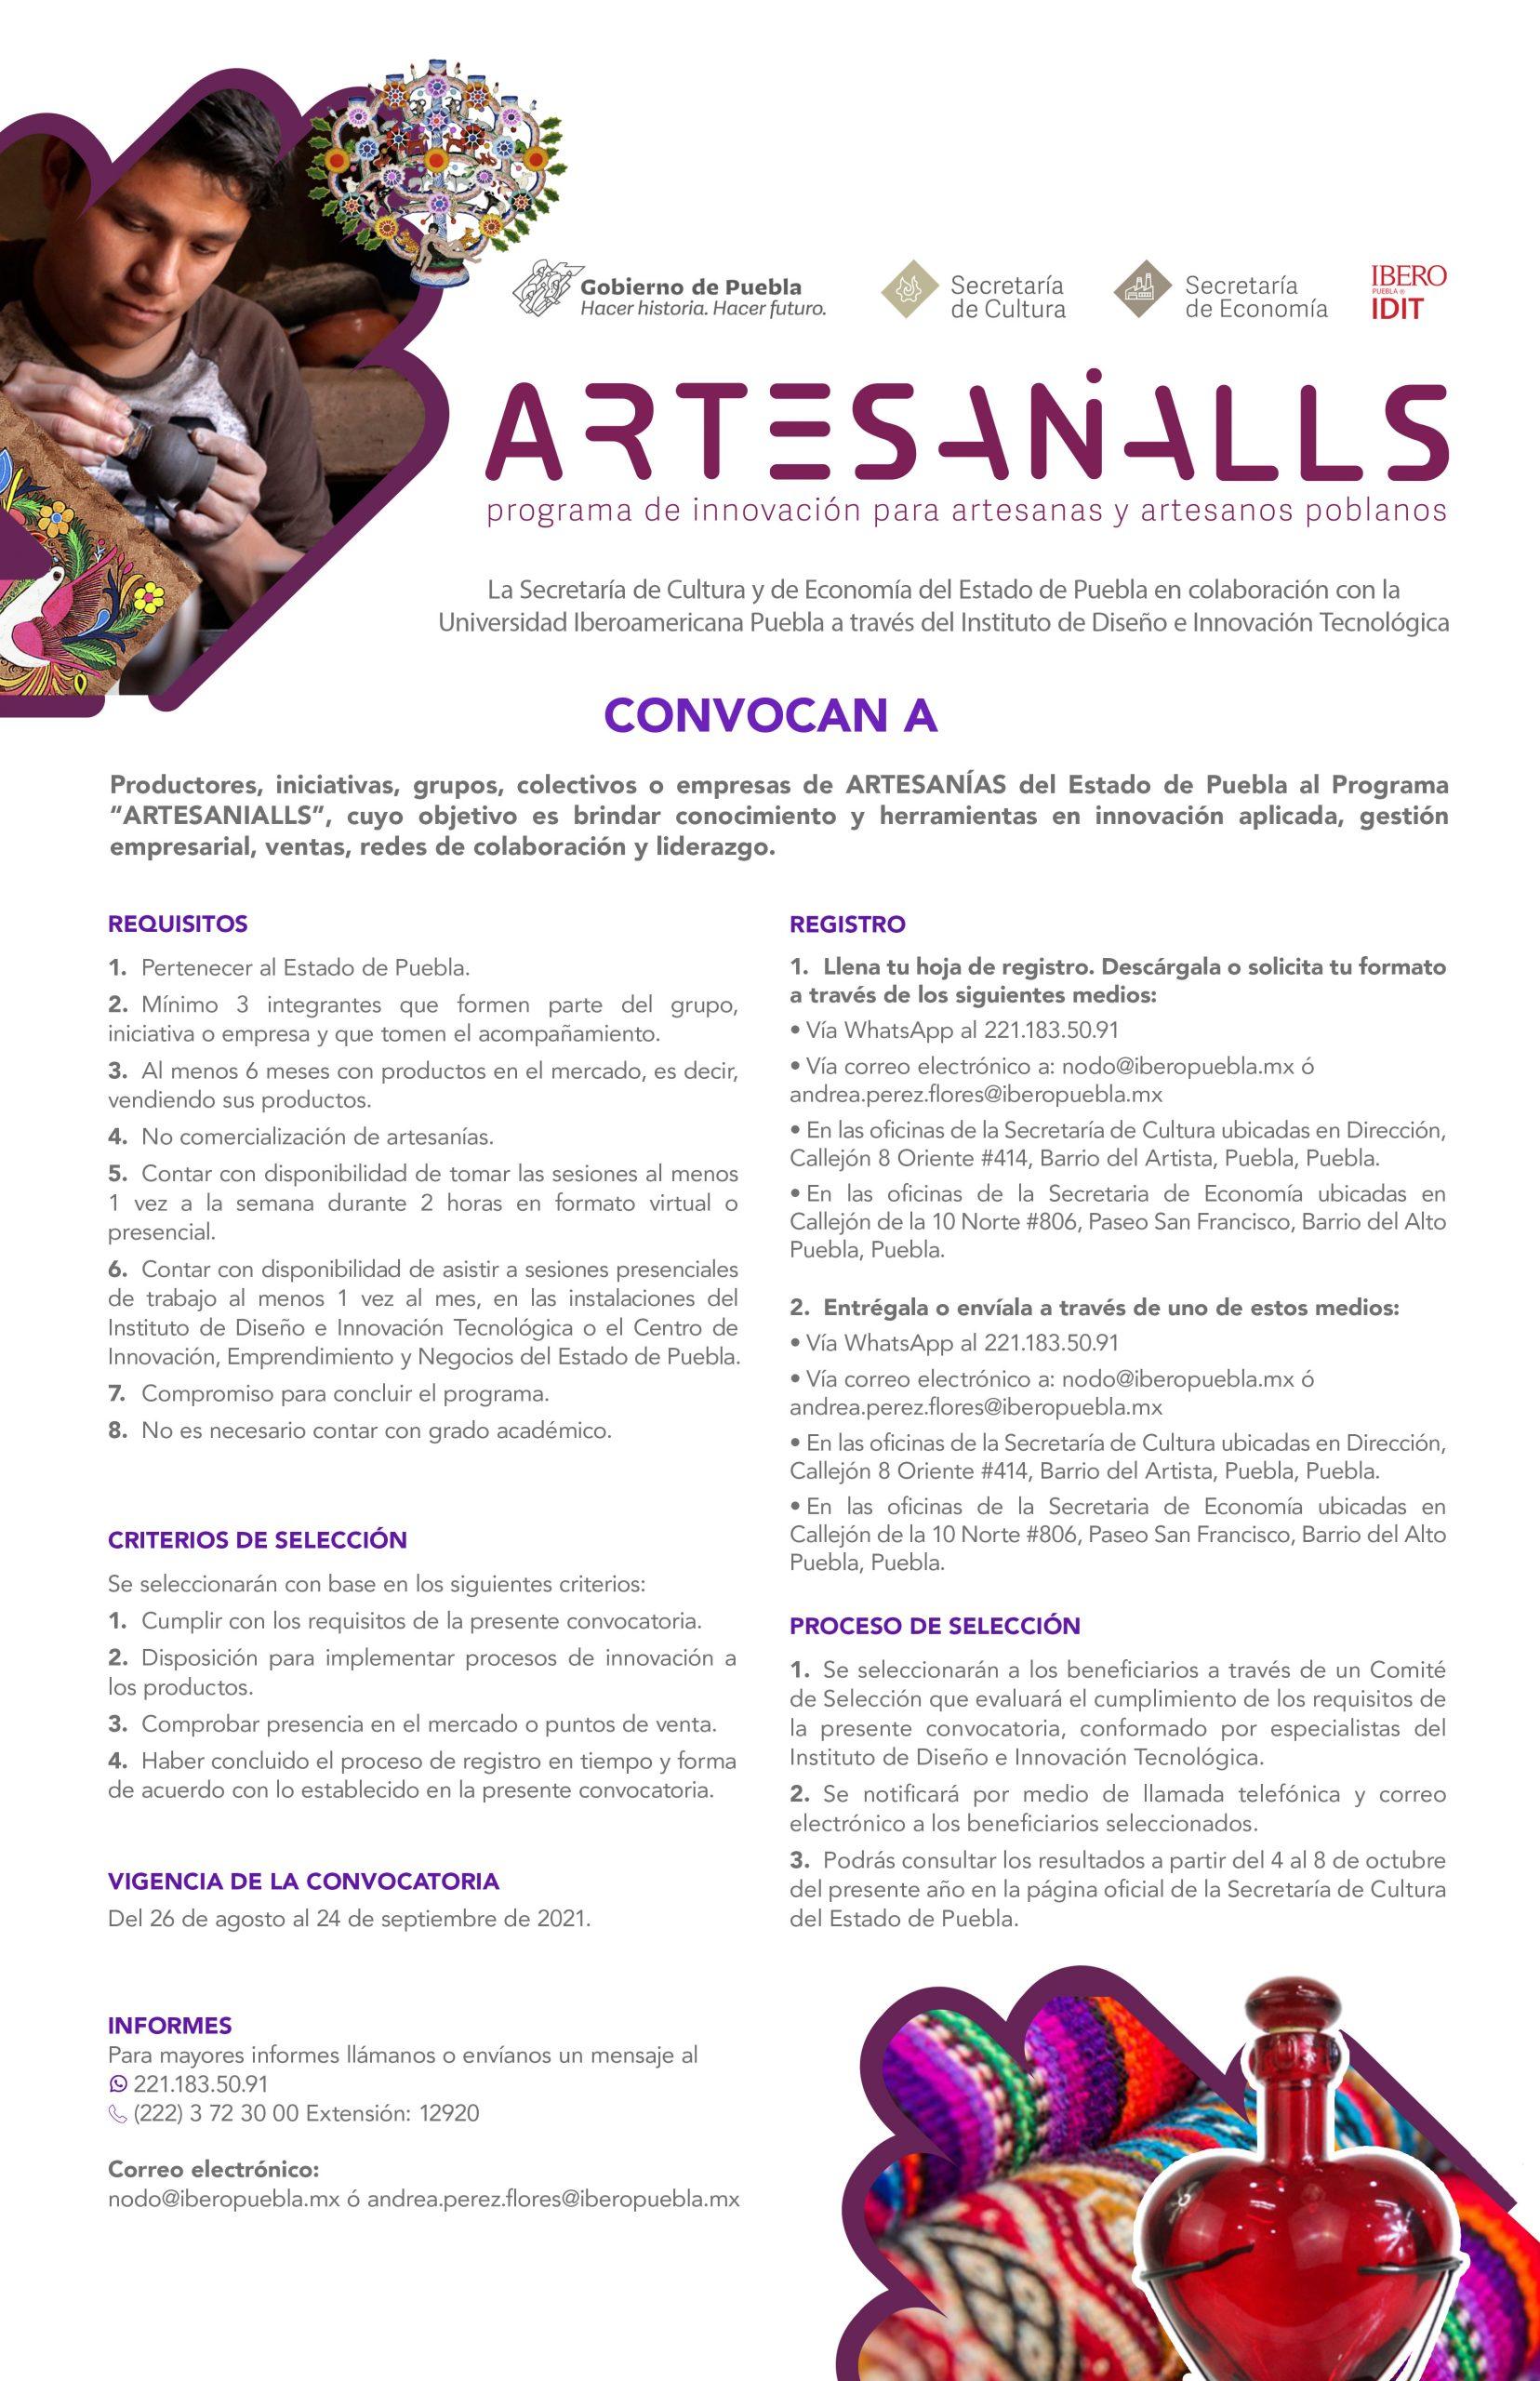 """Presenta Cultura """"Artesanialls"""", un programa en apoyo a artesanos poblanos"""